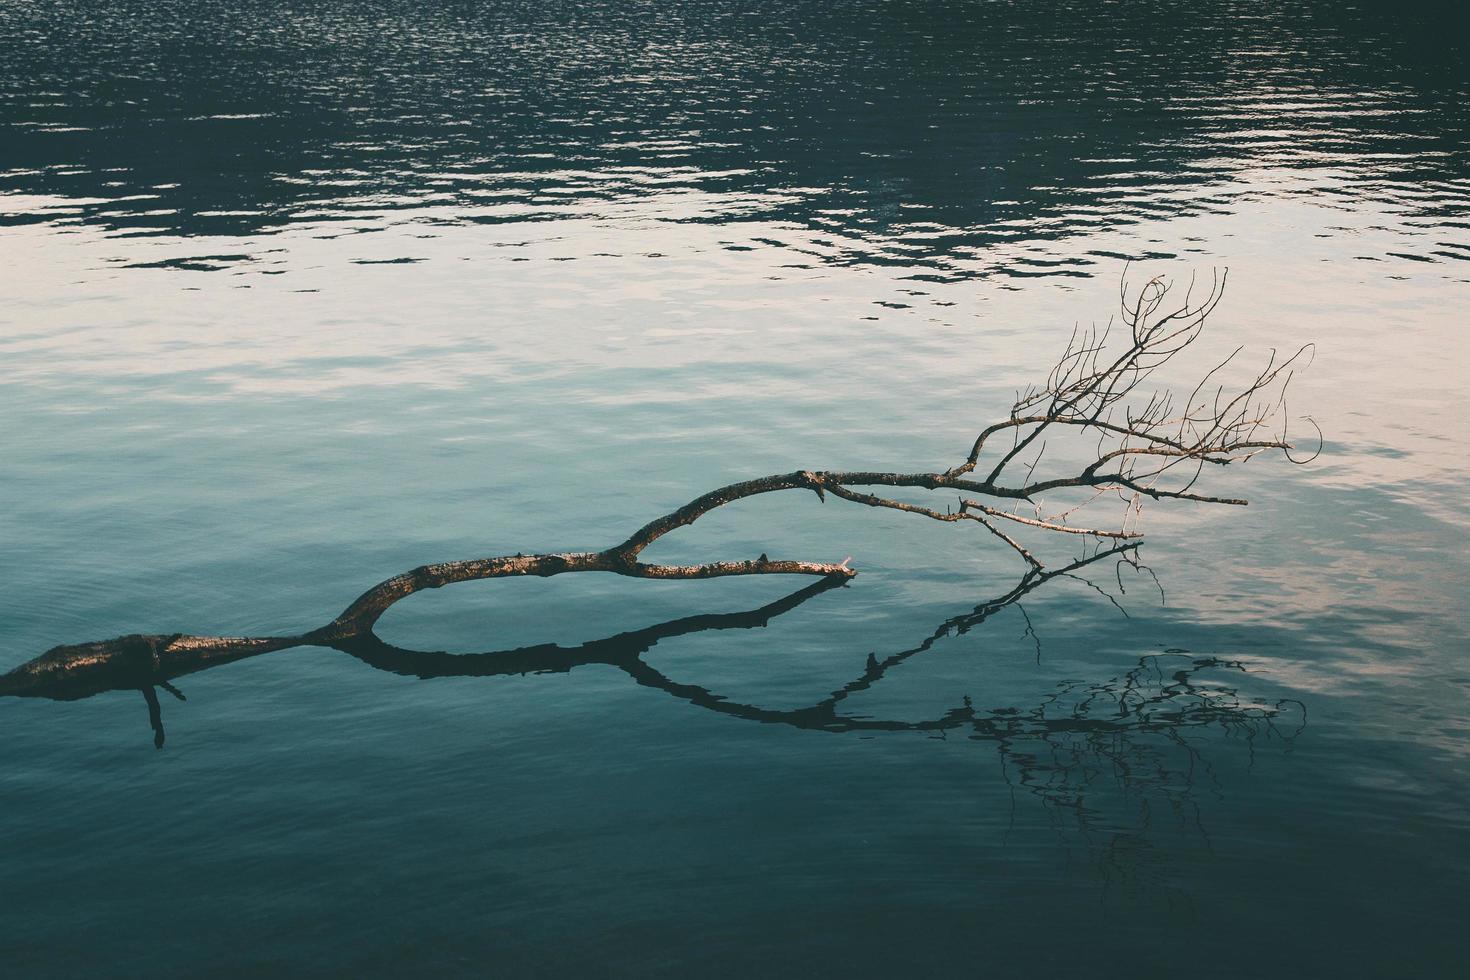 ramo di albero nudo sul corpo d'acqua foto